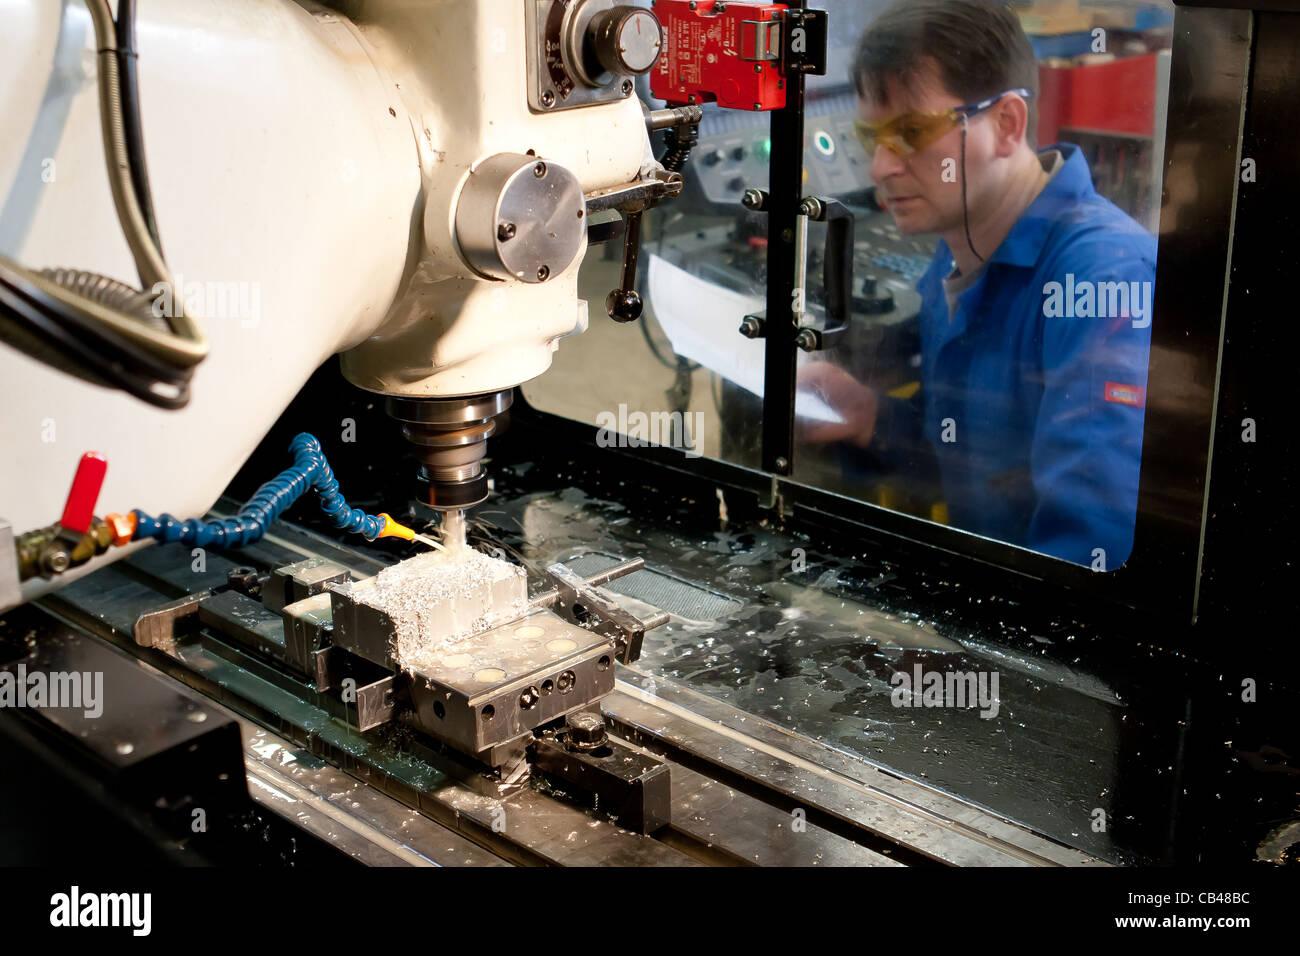 Maschinenbau techniker ingenieur eine cnc fr smaschine for Maschinenbauingenieur nc